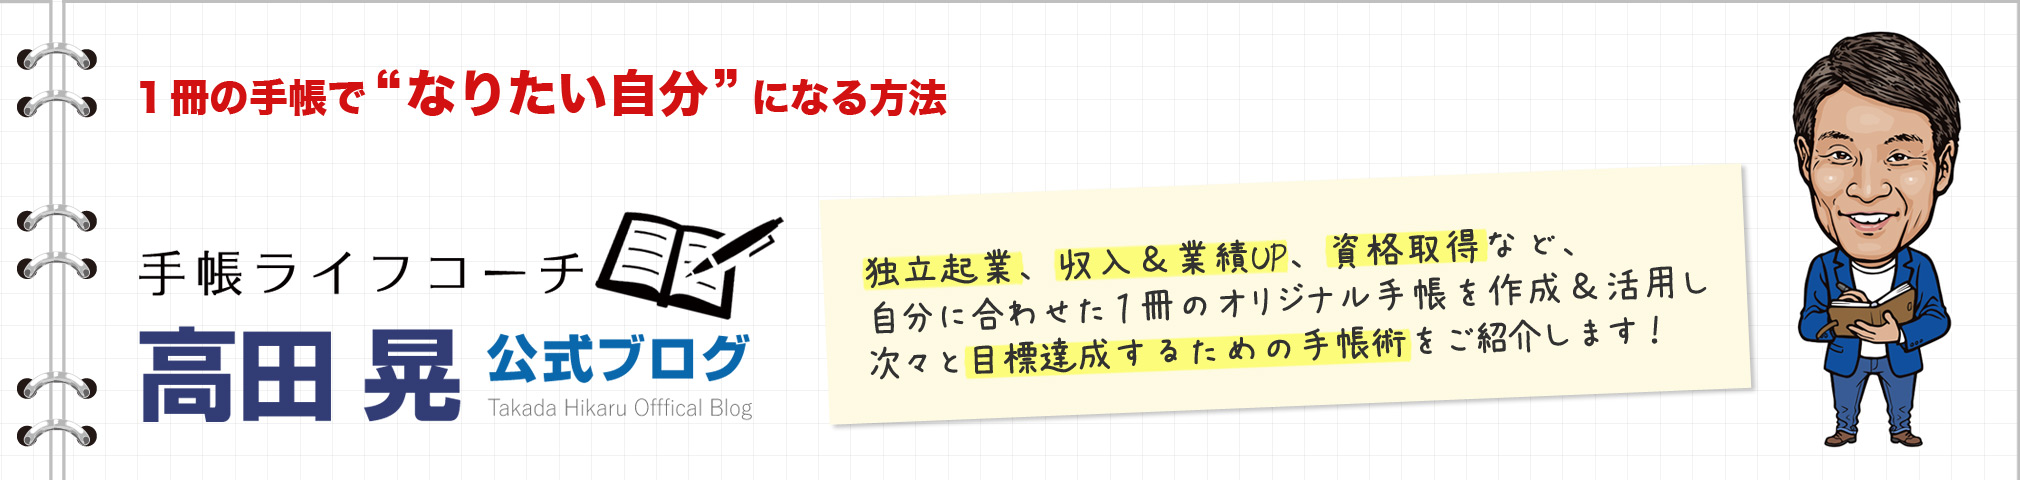 手帳を活用するときは「原因と結果」を意識すると、仕事や私生活で成果を出しやすい | 手帳ライフコーチ高田晃 公式ブログ